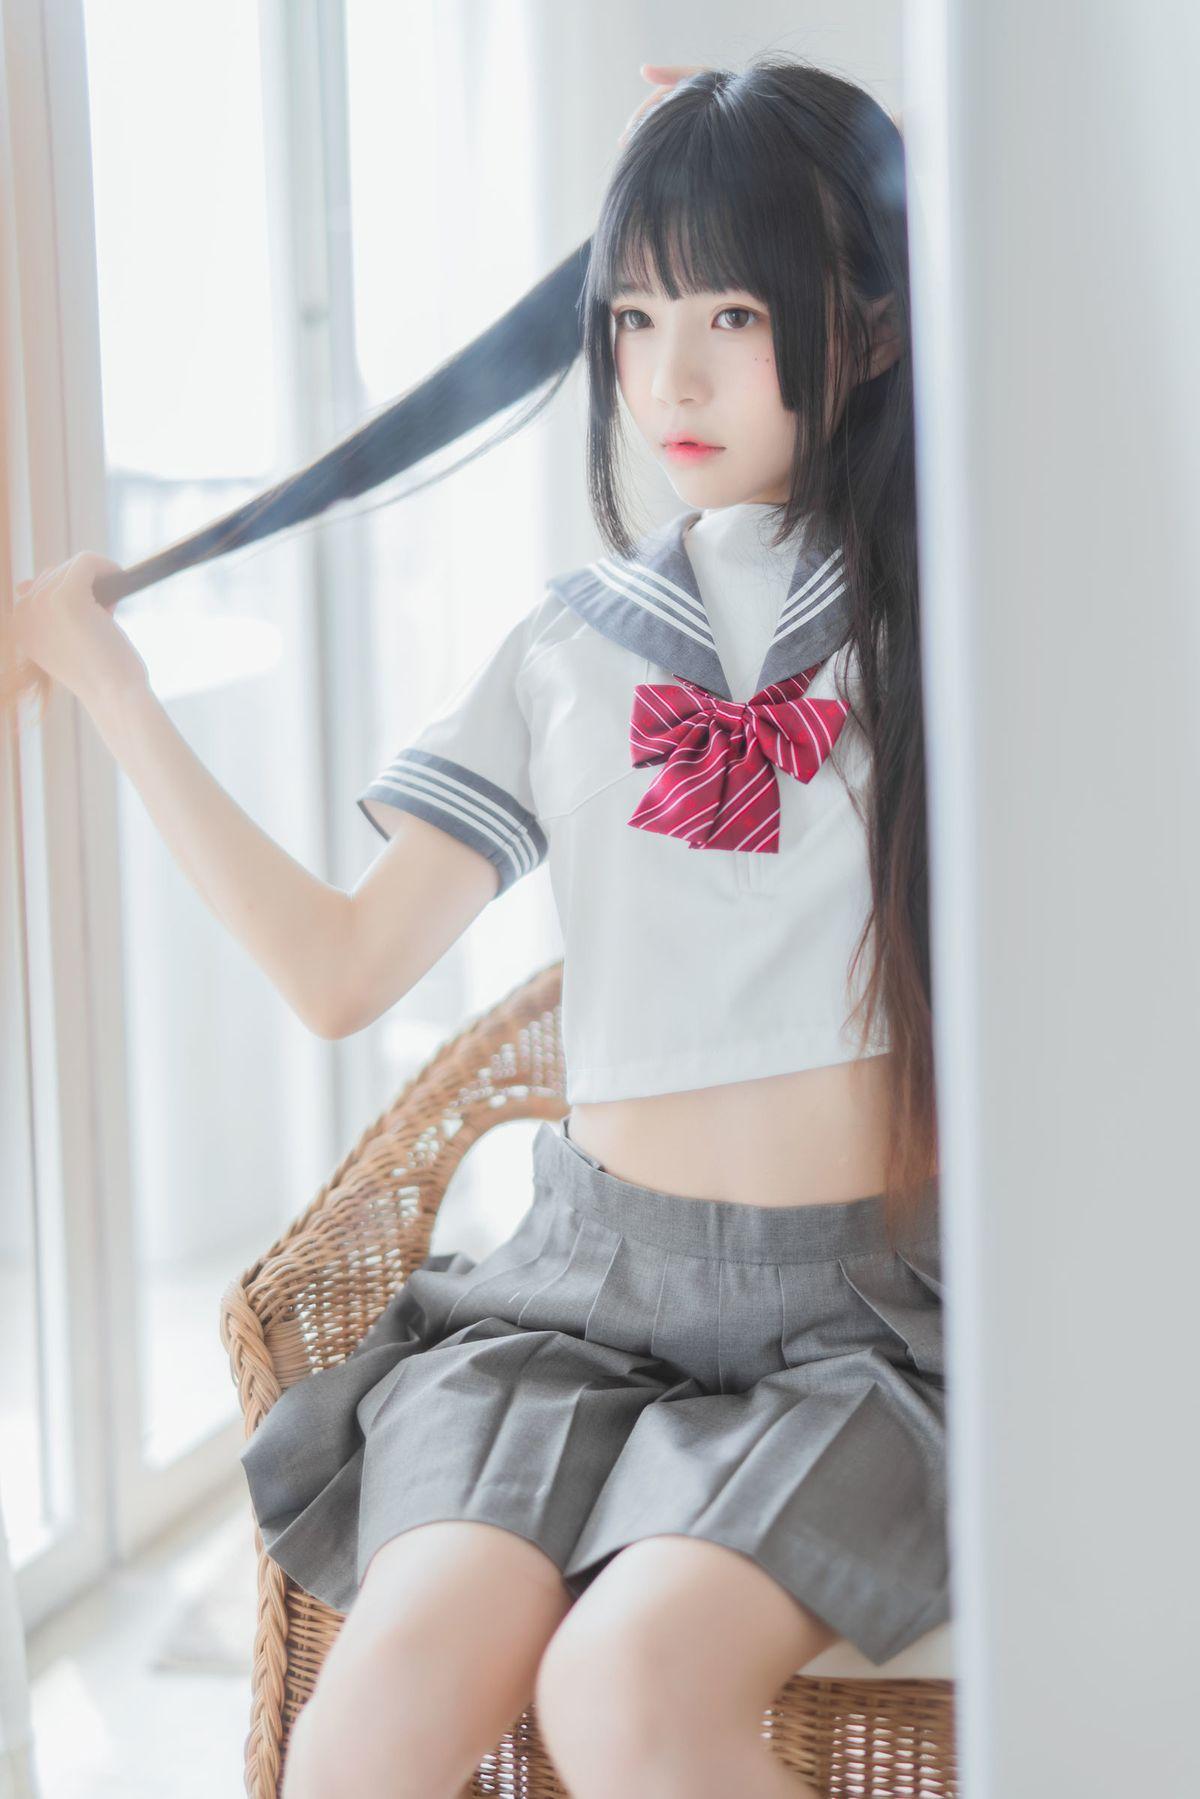 COSER桜桃喵《心形胖次》 [COSPLAY美女] 写真集1